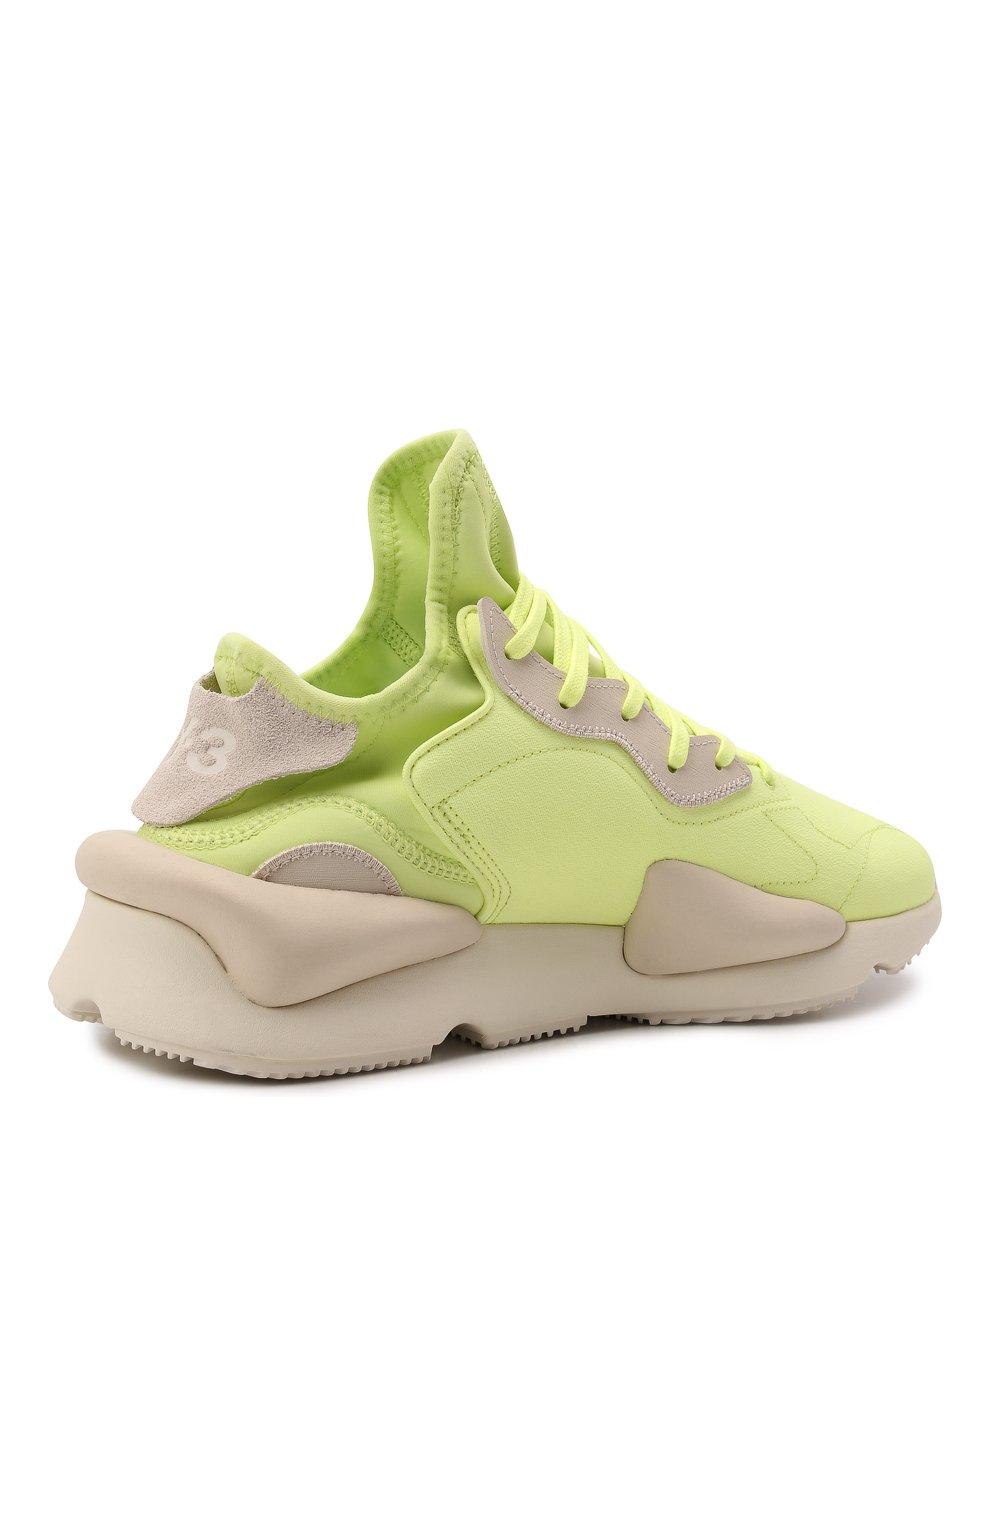 Мужские текстильные кроссовки kaiwa Y-3 светло-зеленого цвета, арт. GZ9144/M | Фото 4 (Материал внешний: Текстиль; Материал внутренний: Натуральная кожа, Текстиль; Подошва: Массивная; Стили: Спорт)